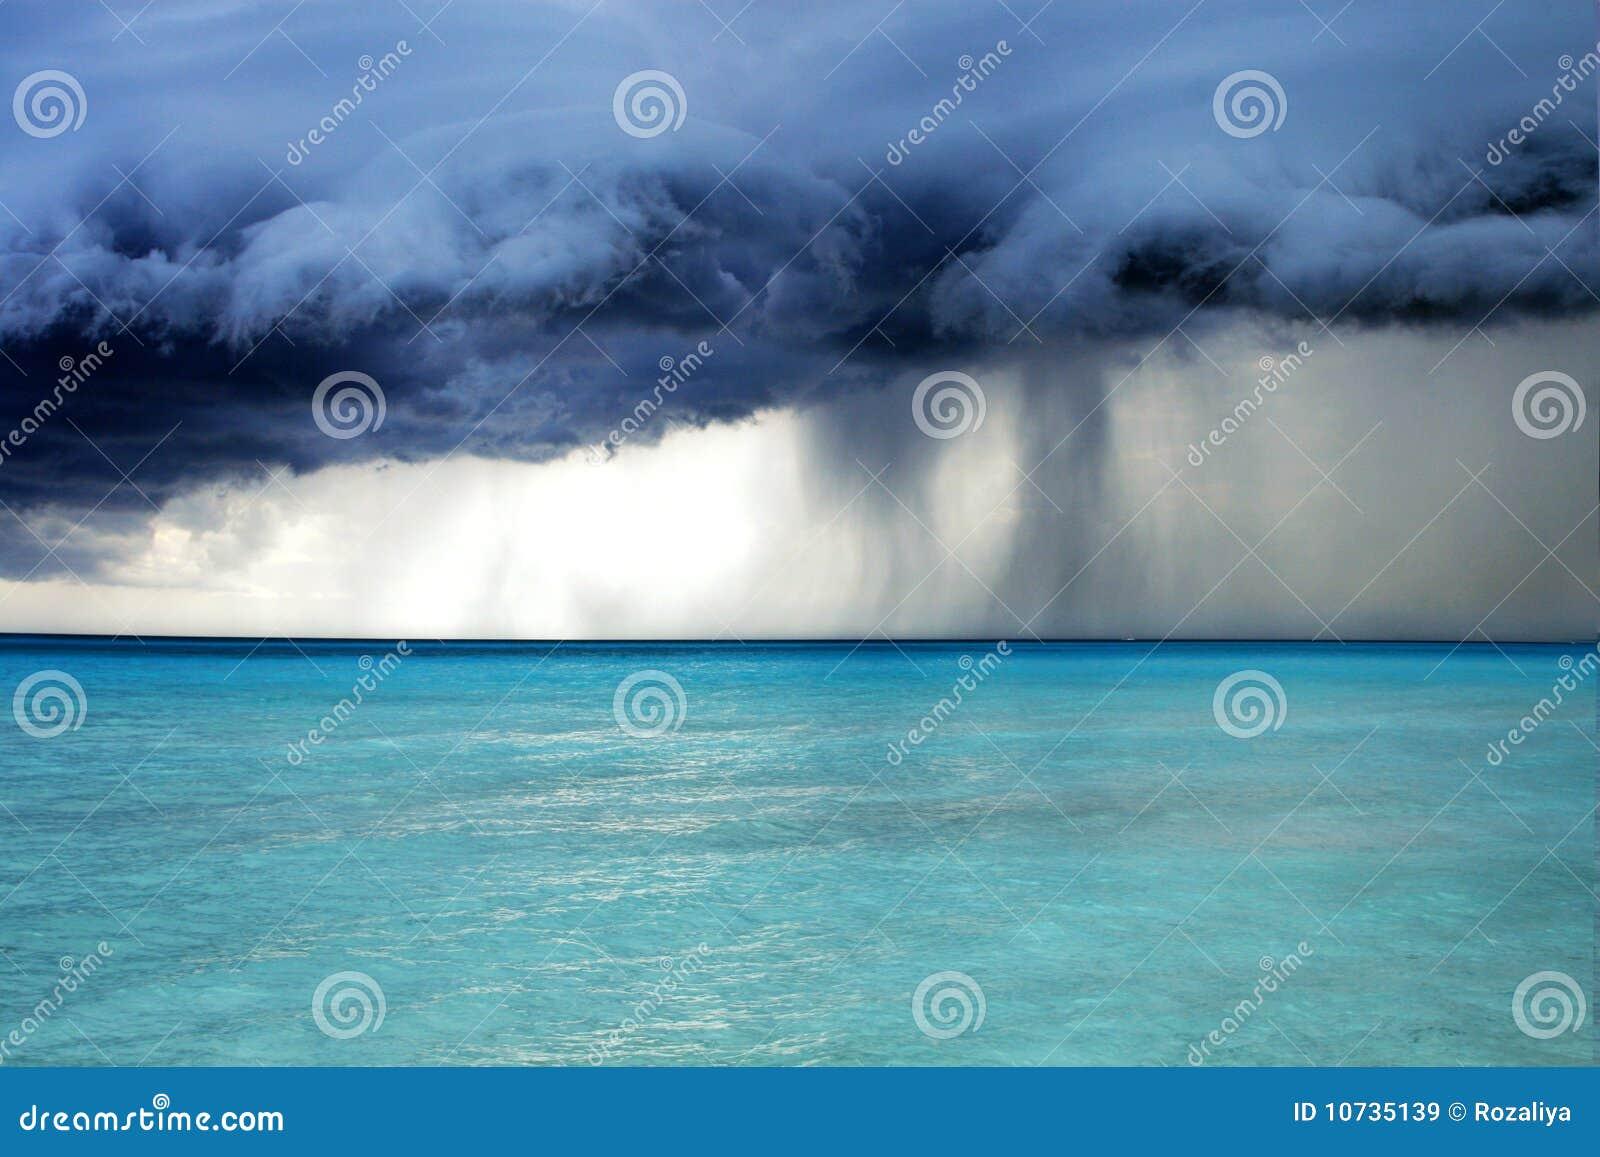 Clima tempestuoso con lluvia en la playa